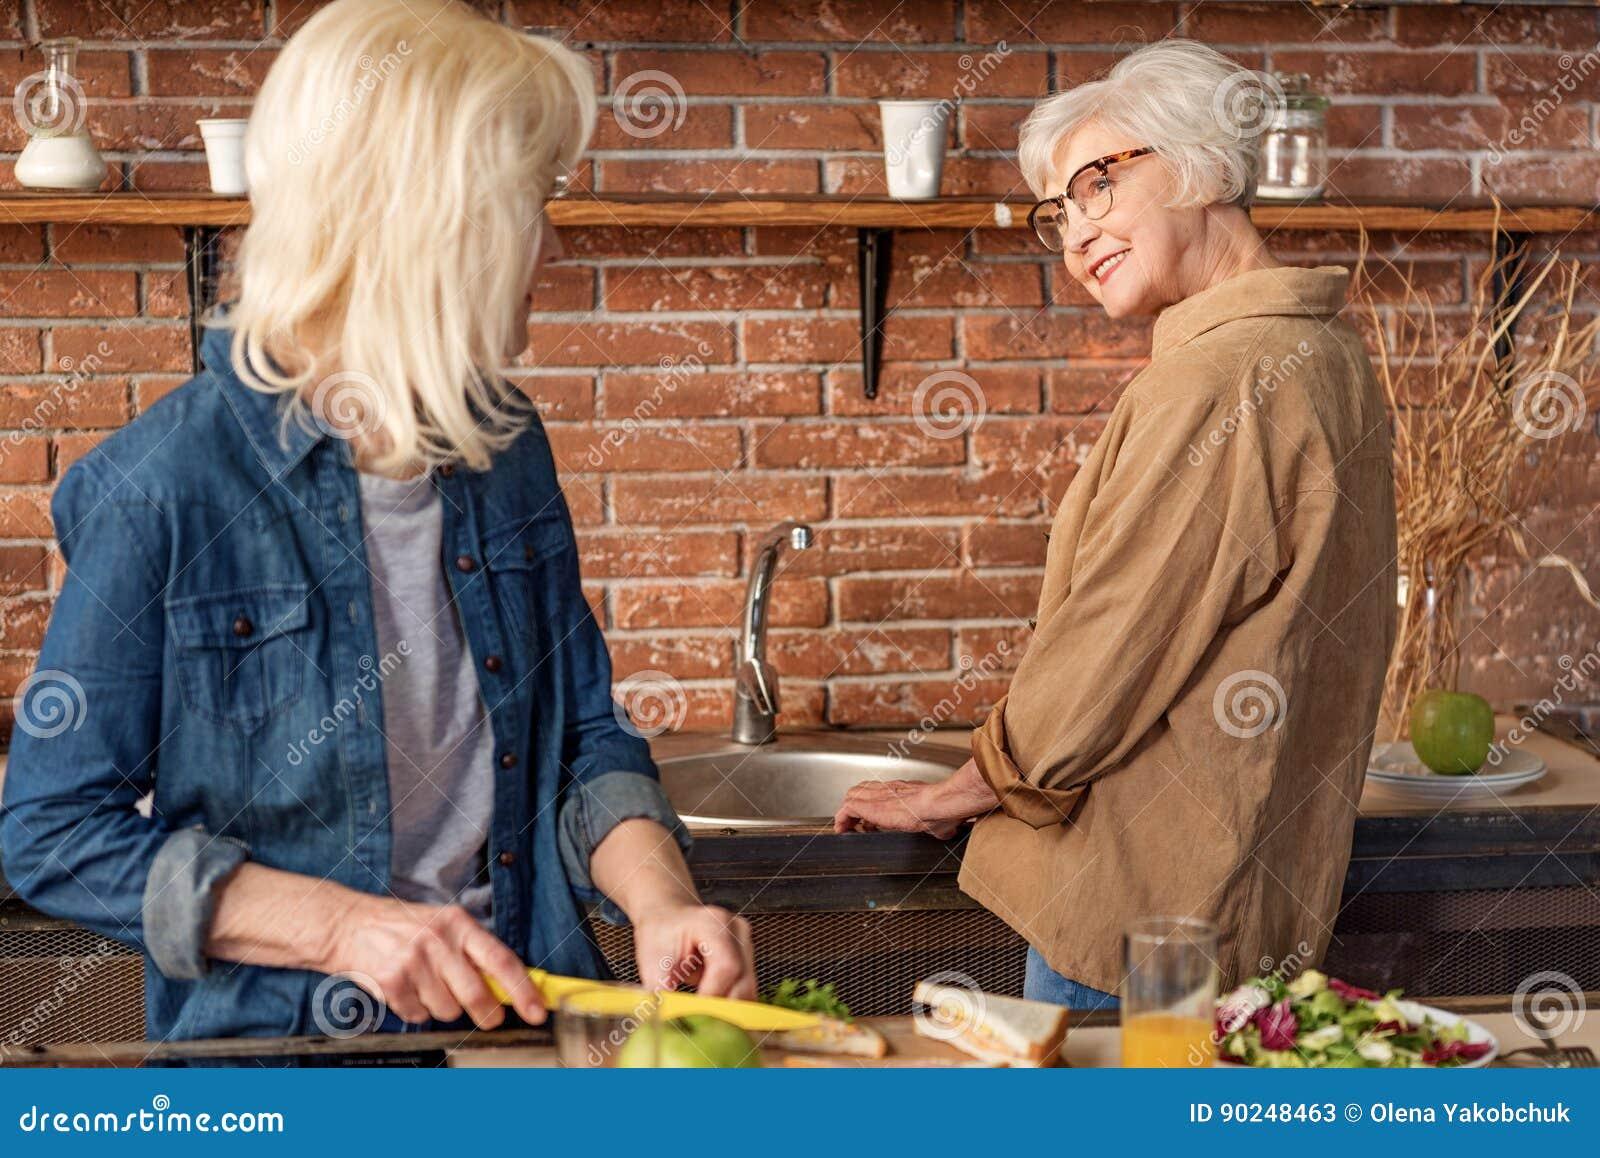 Mujeres Mayores Que Cocinan En Cocina Imagen De Archivo Imagen De